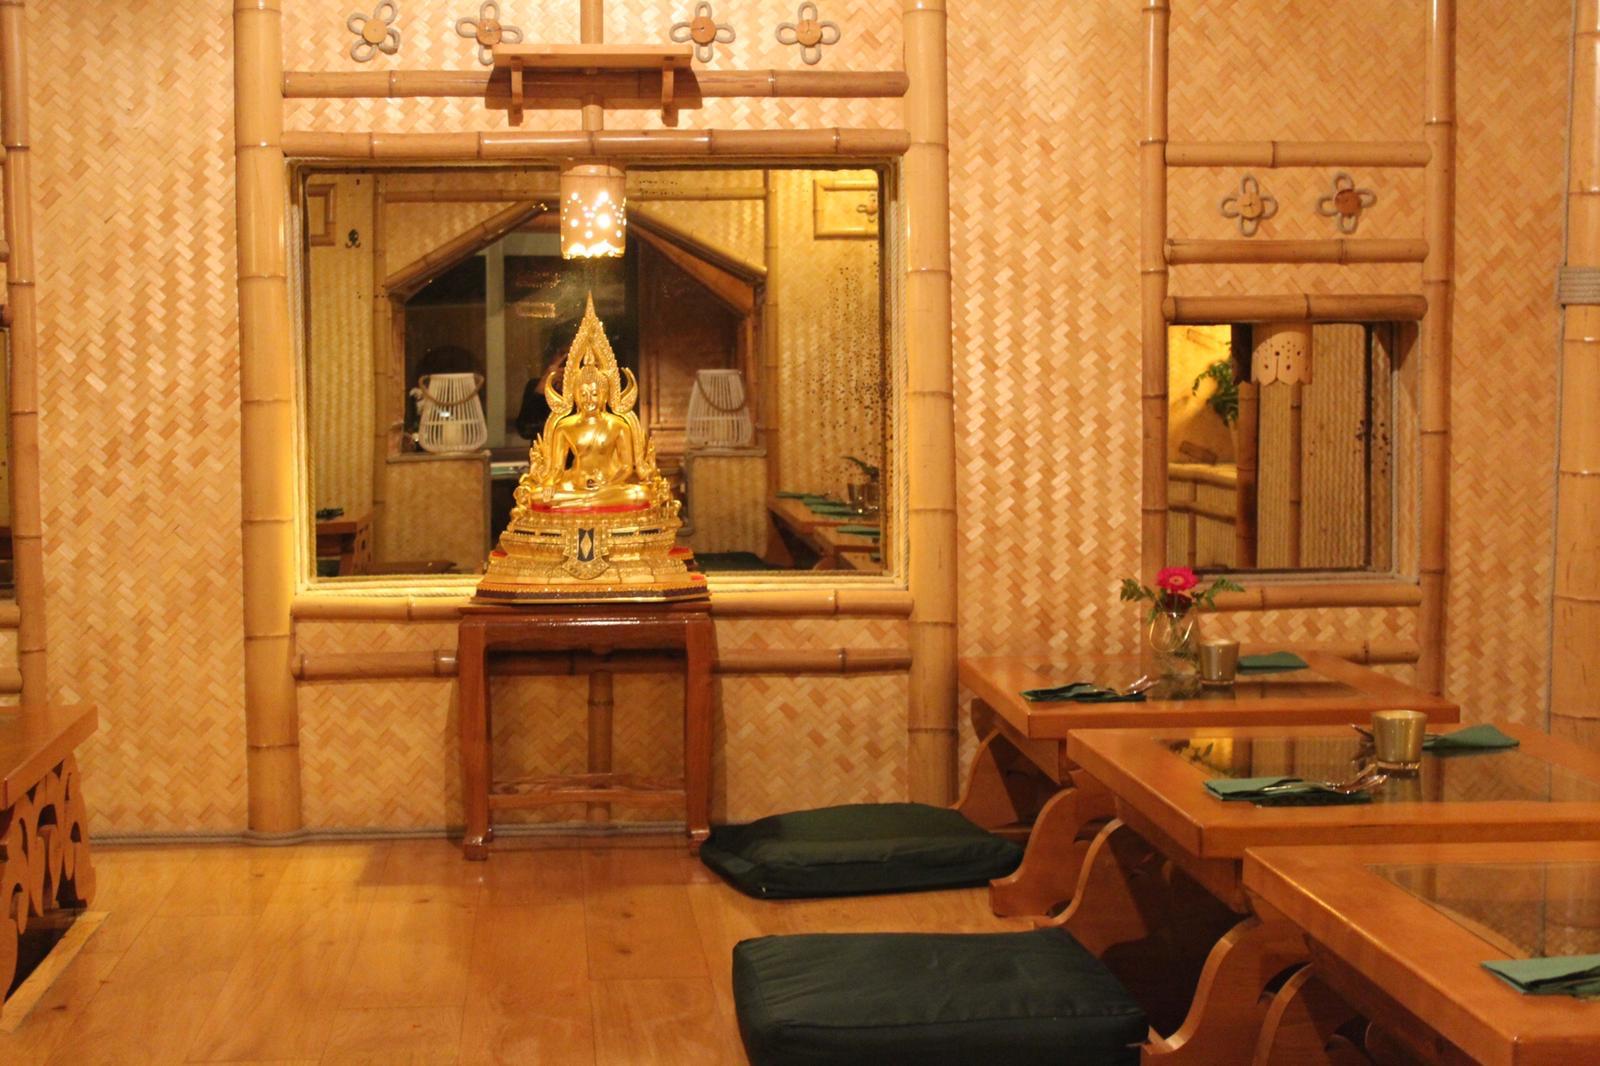 khon-thai-restaurant-raeumlichkeiten-traditioneller-raum-03